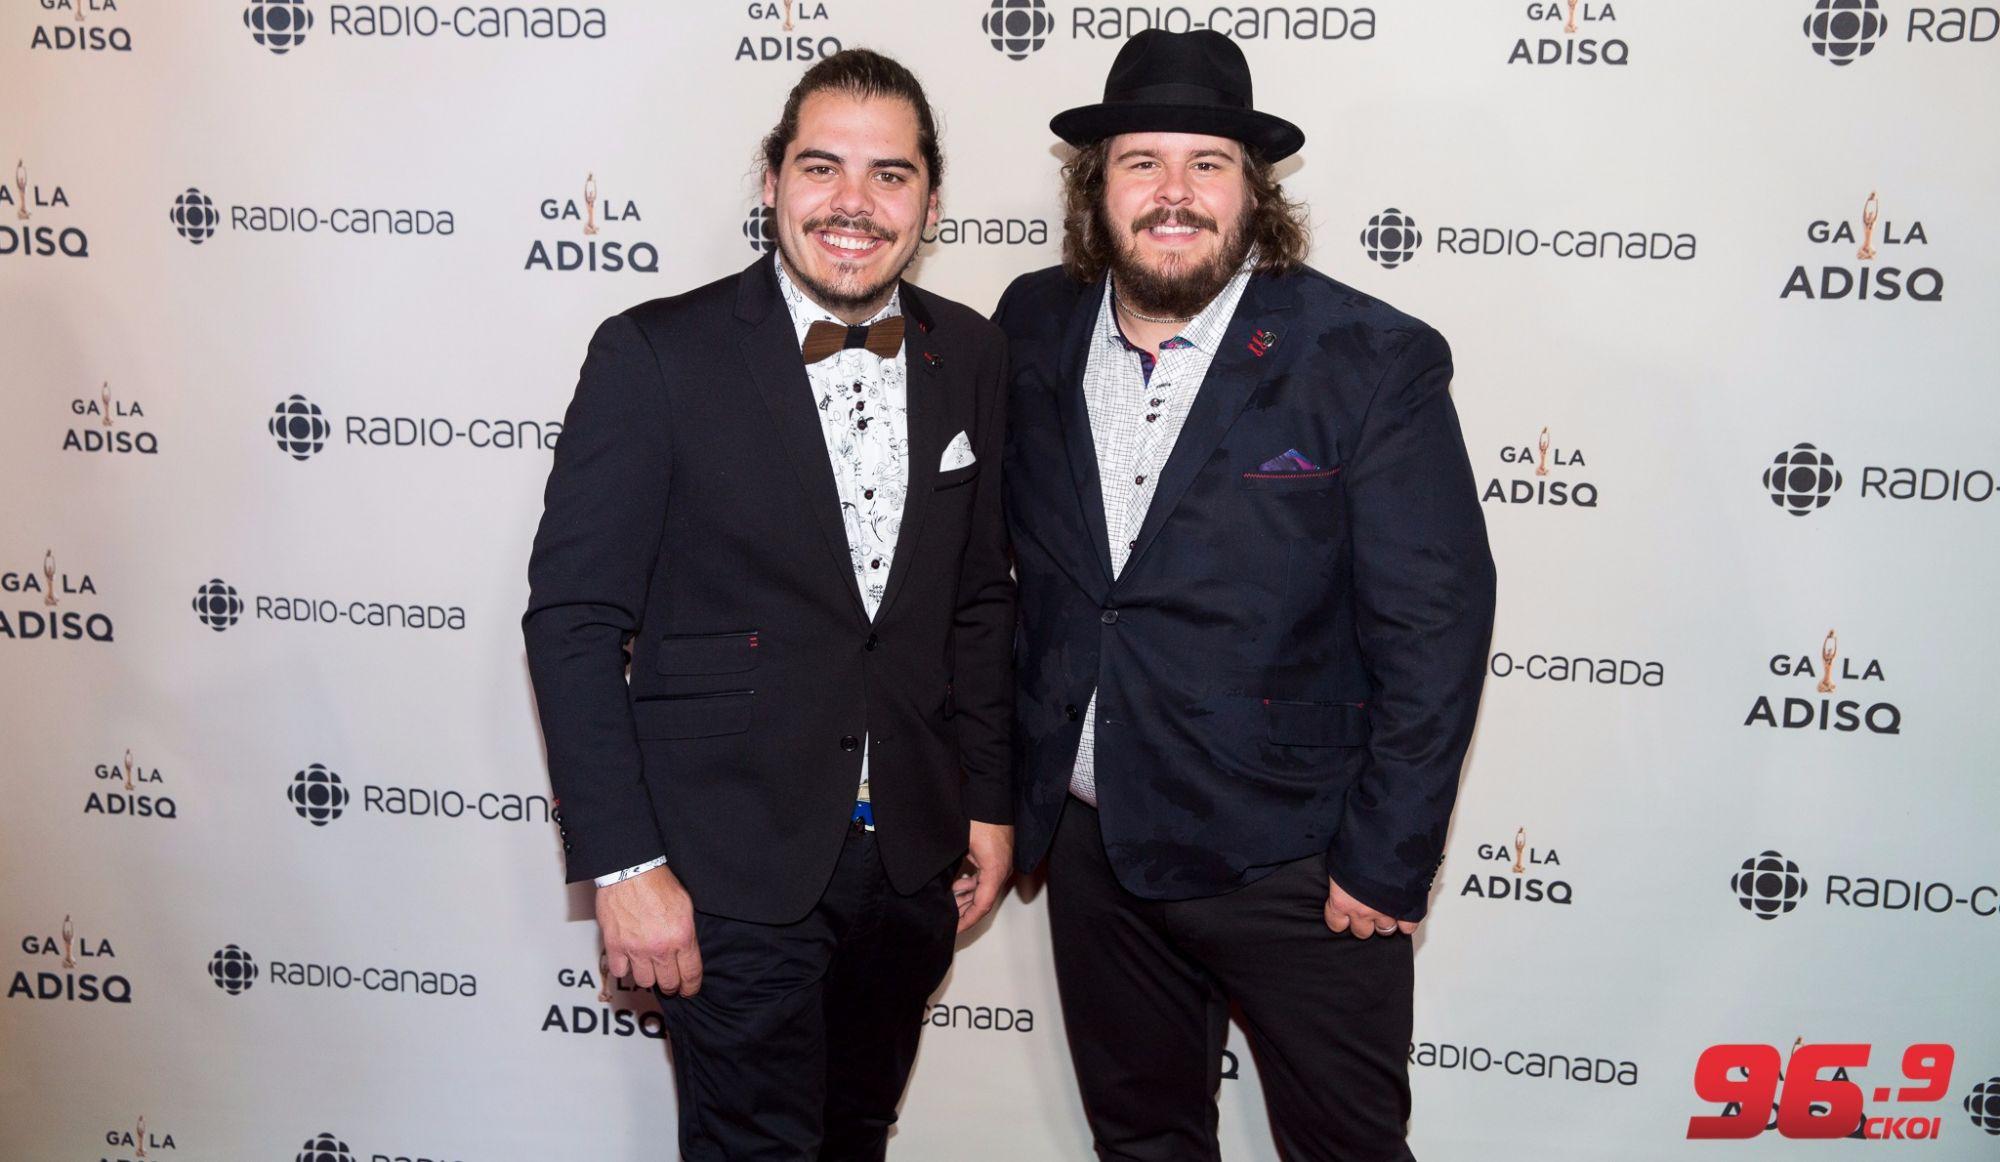 Gala de l'ADISQ : les plus belles images du tapis rouge!